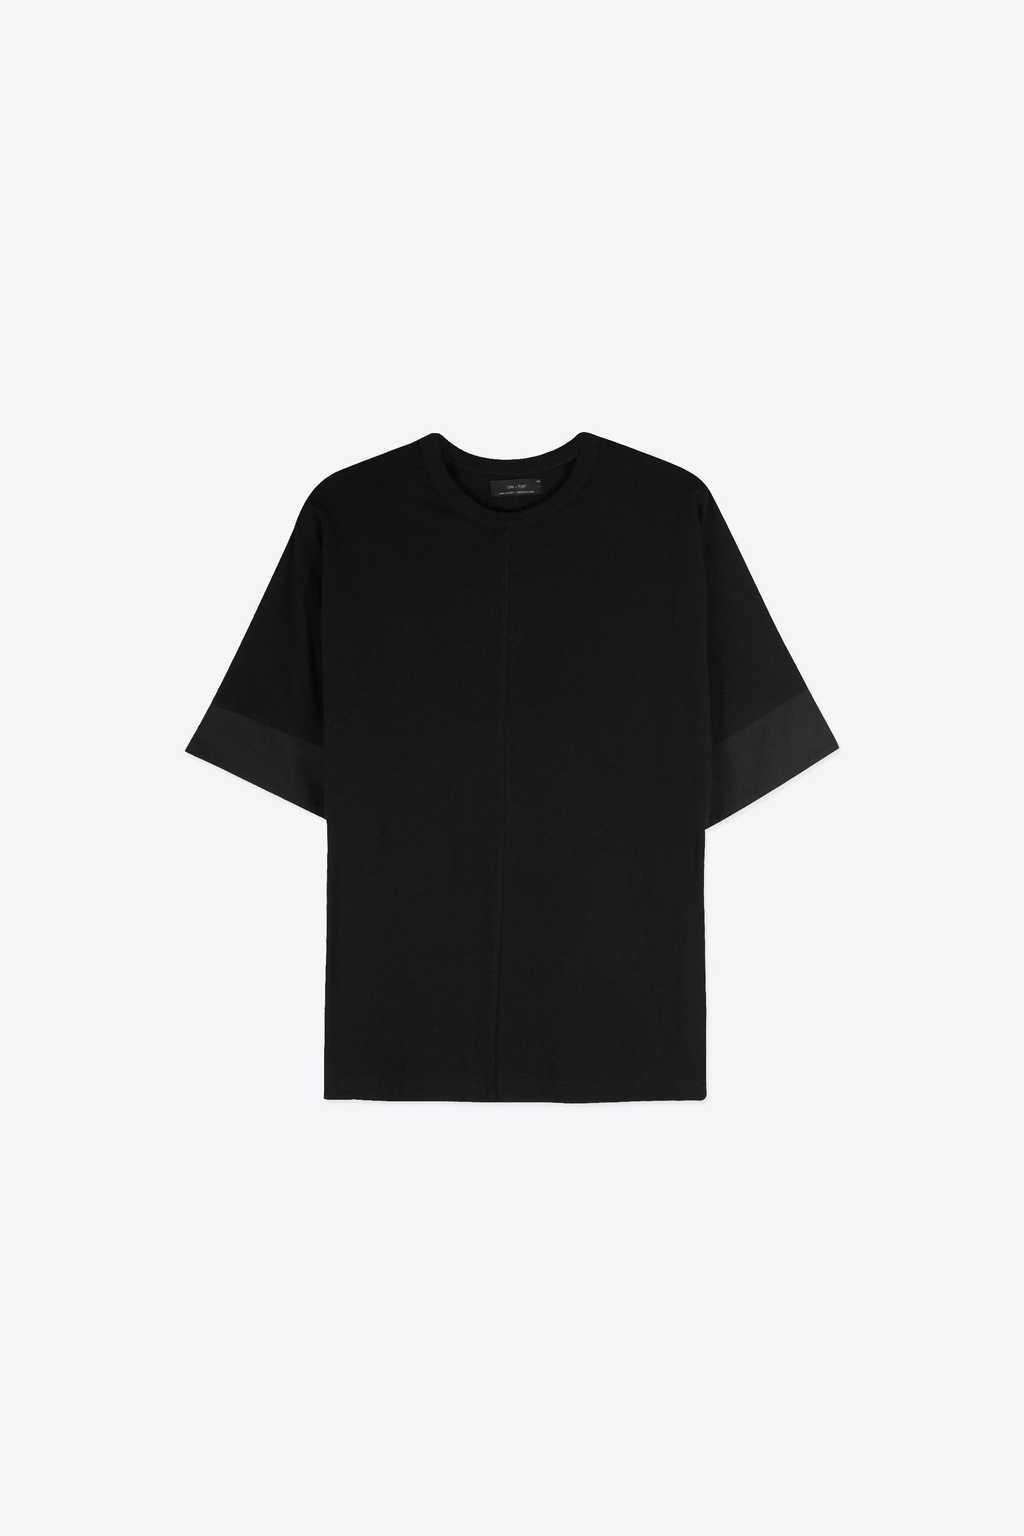 TShirt 1330 Black 5